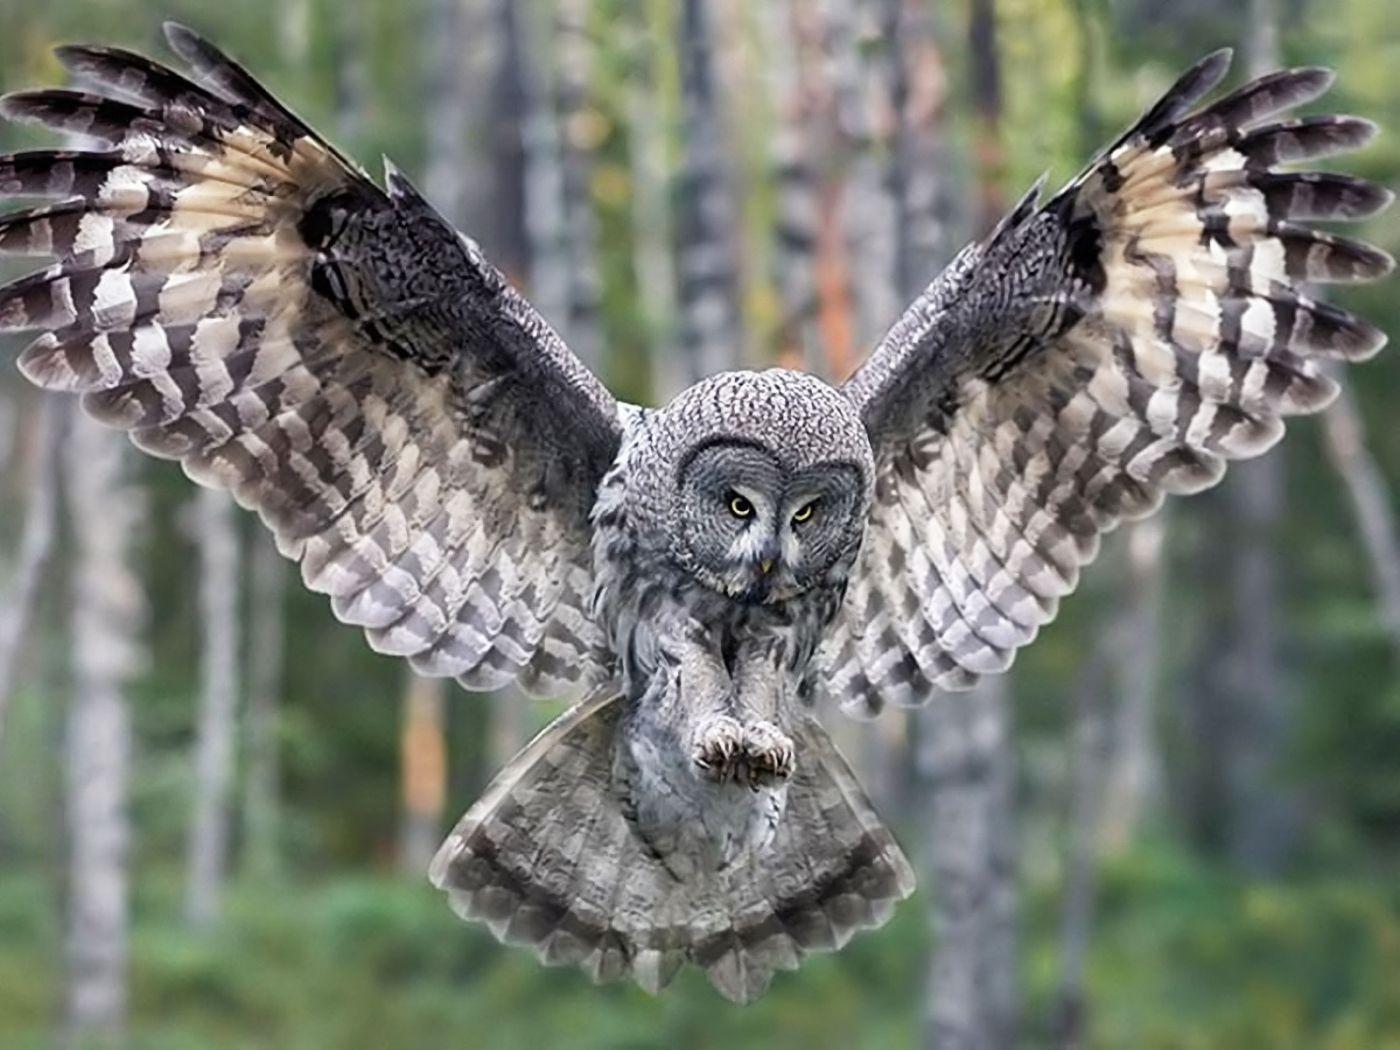 Owl In Flight Forest Wallpaper 1400x1050